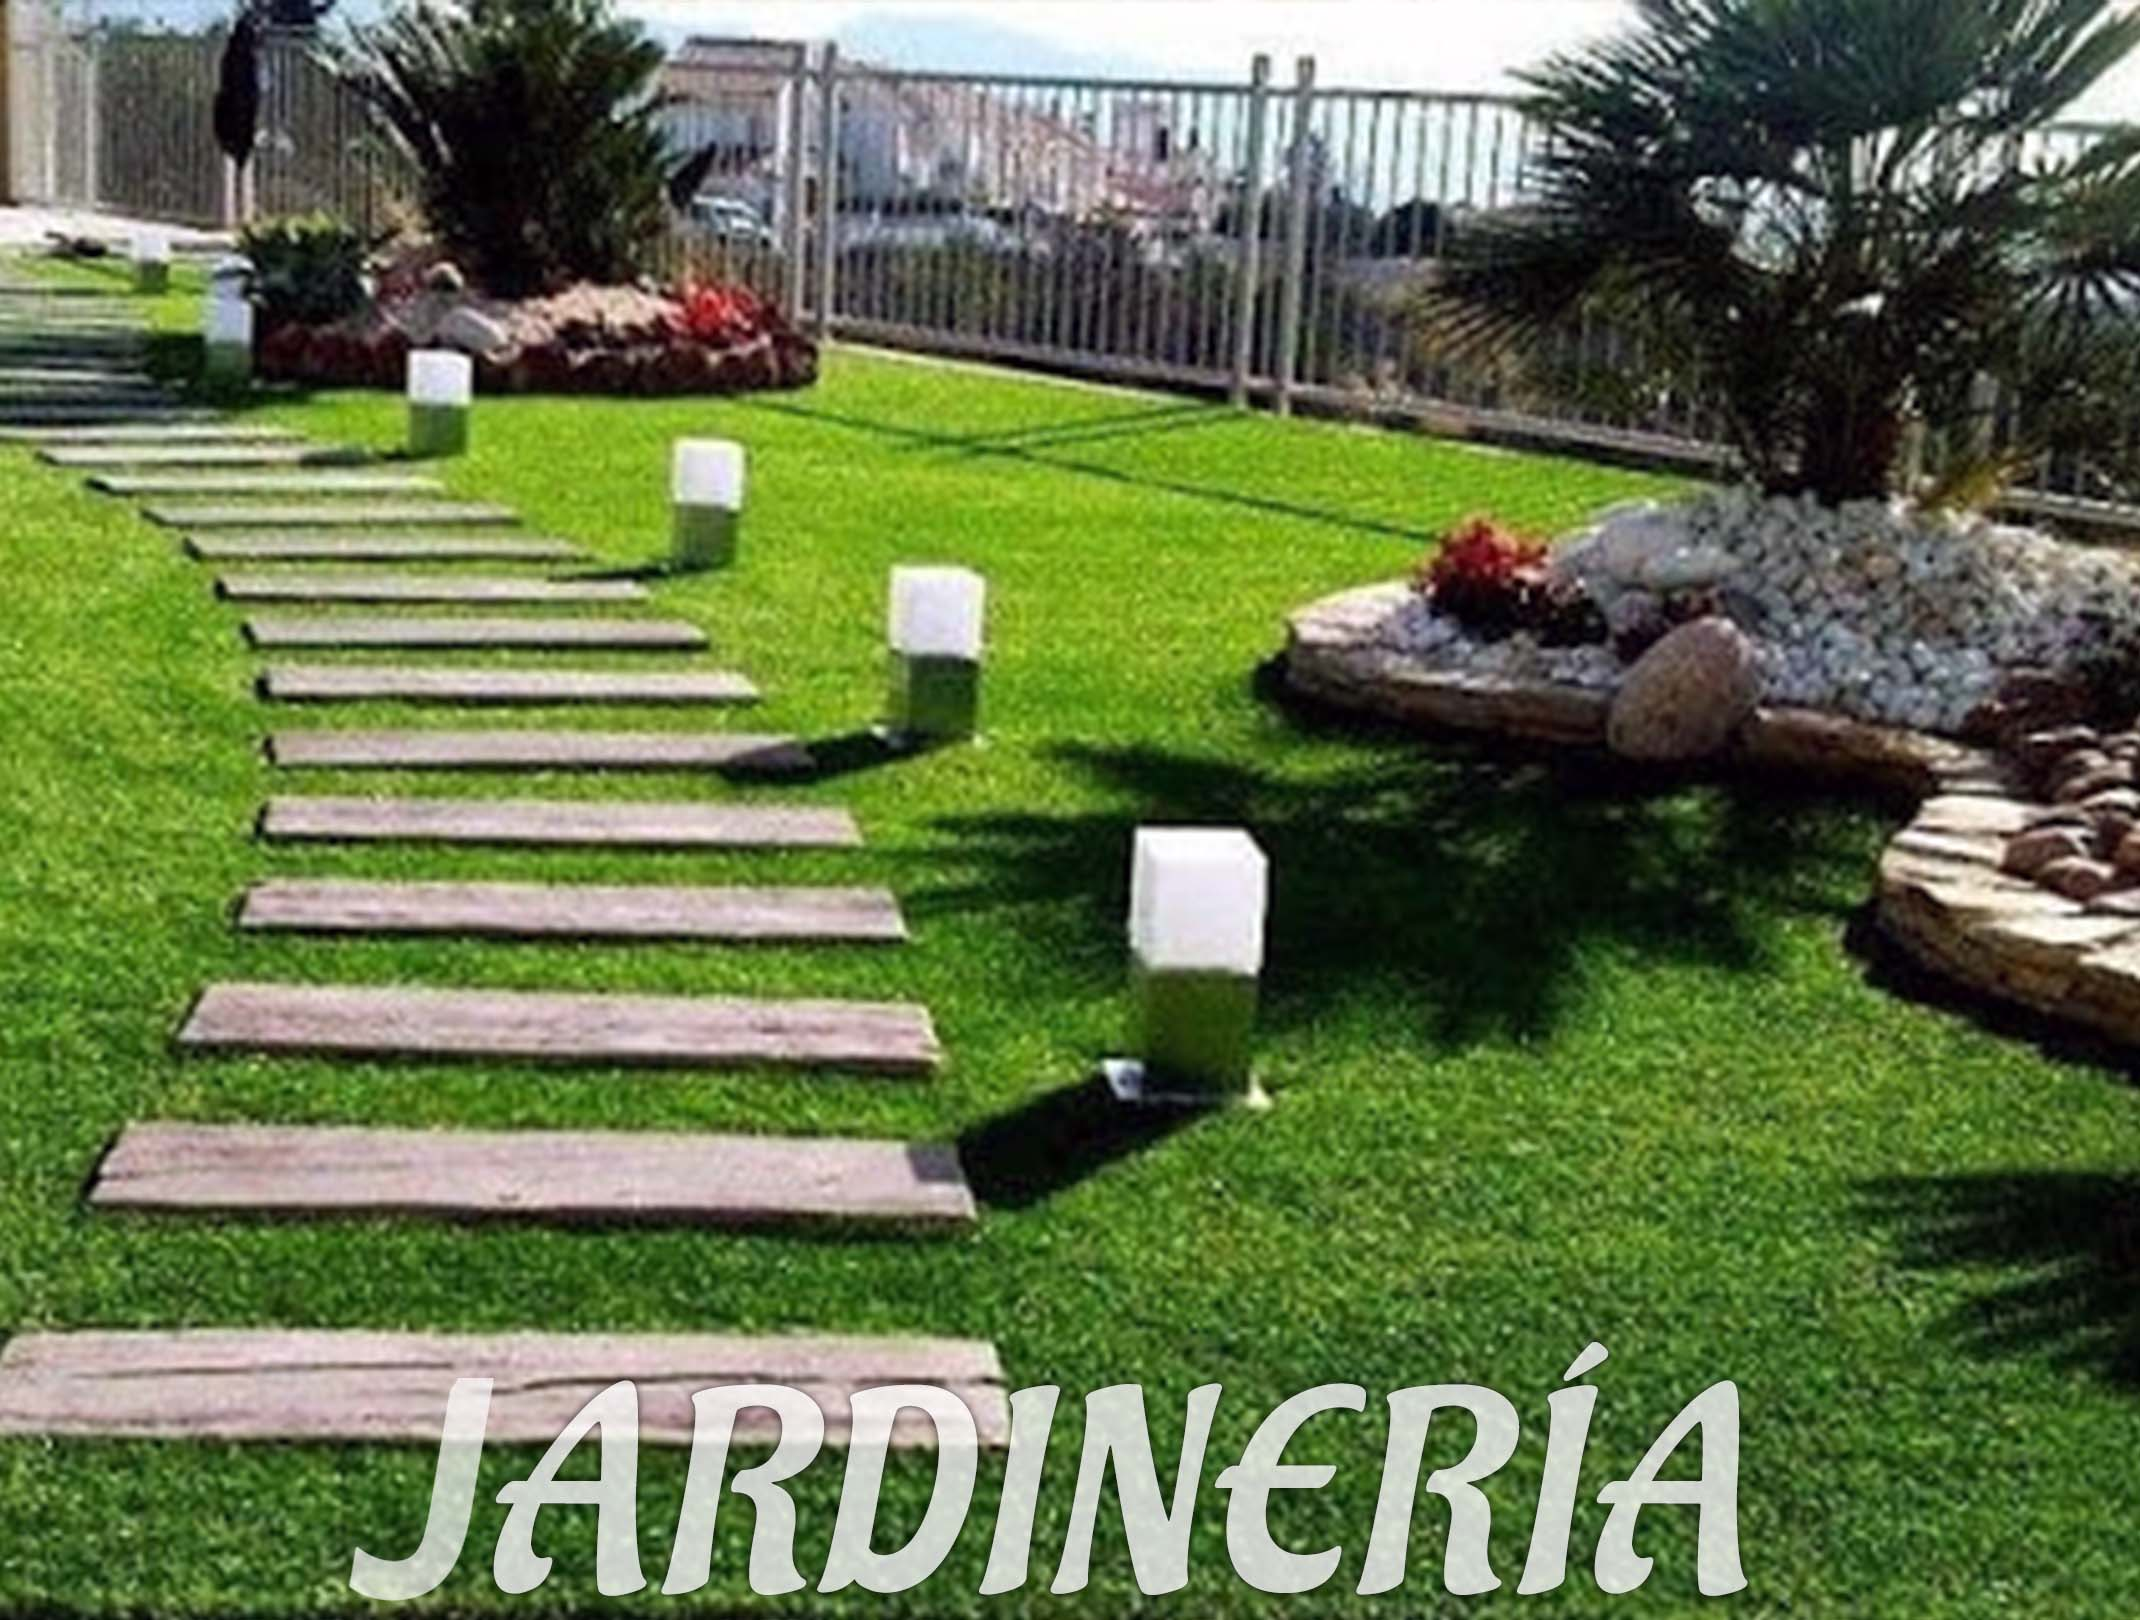 en Valladolid, Jardineros en Valladolid